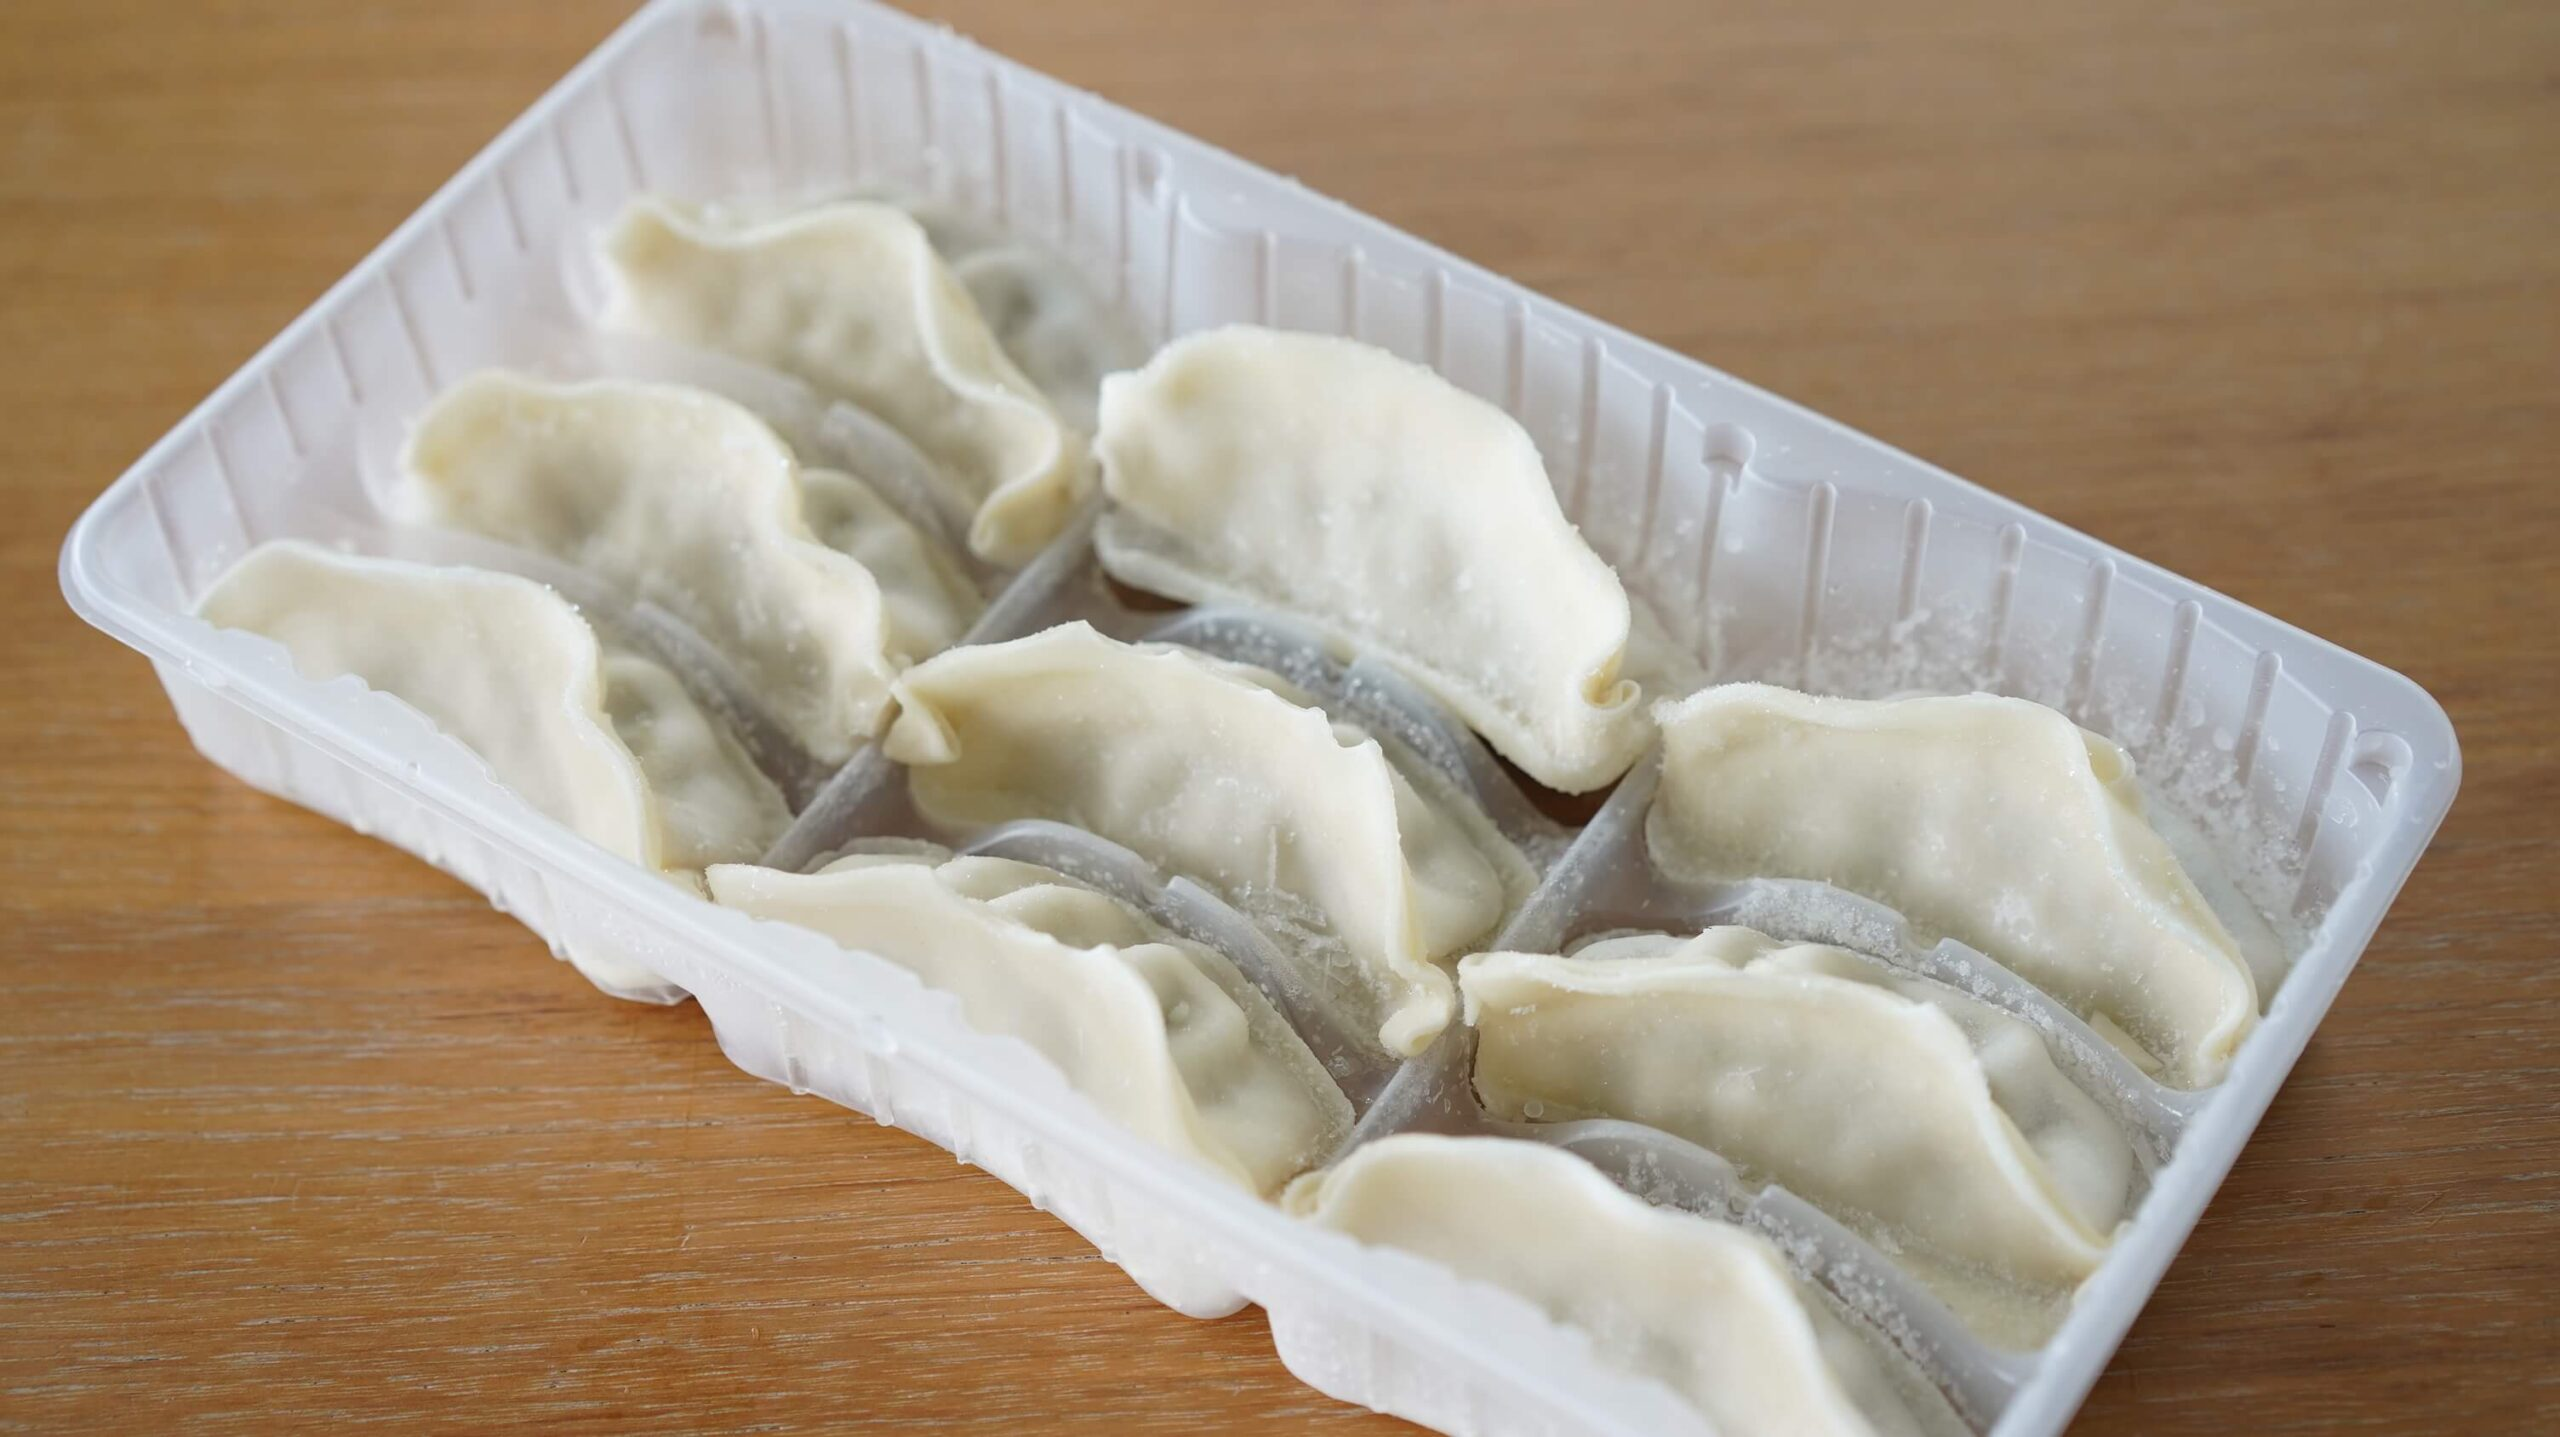 味の素の冷凍食品「黒豚肉餃子」のパッケージを開けたところの写真